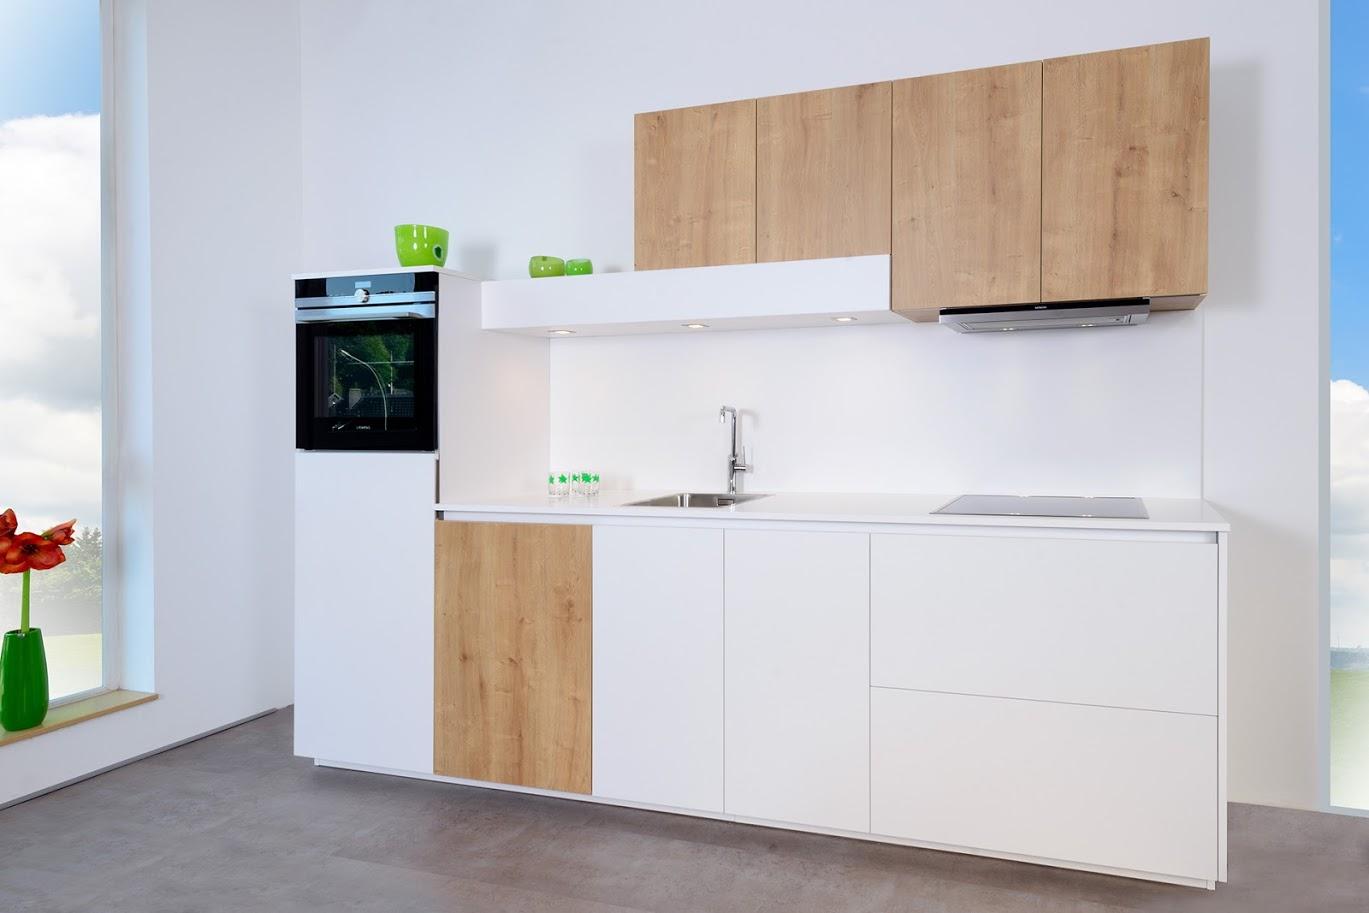 kchen ab werk excellent moderne kchen with kchen ab werk cheap jetzt auch in kassel kchen. Black Bedroom Furniture Sets. Home Design Ideas